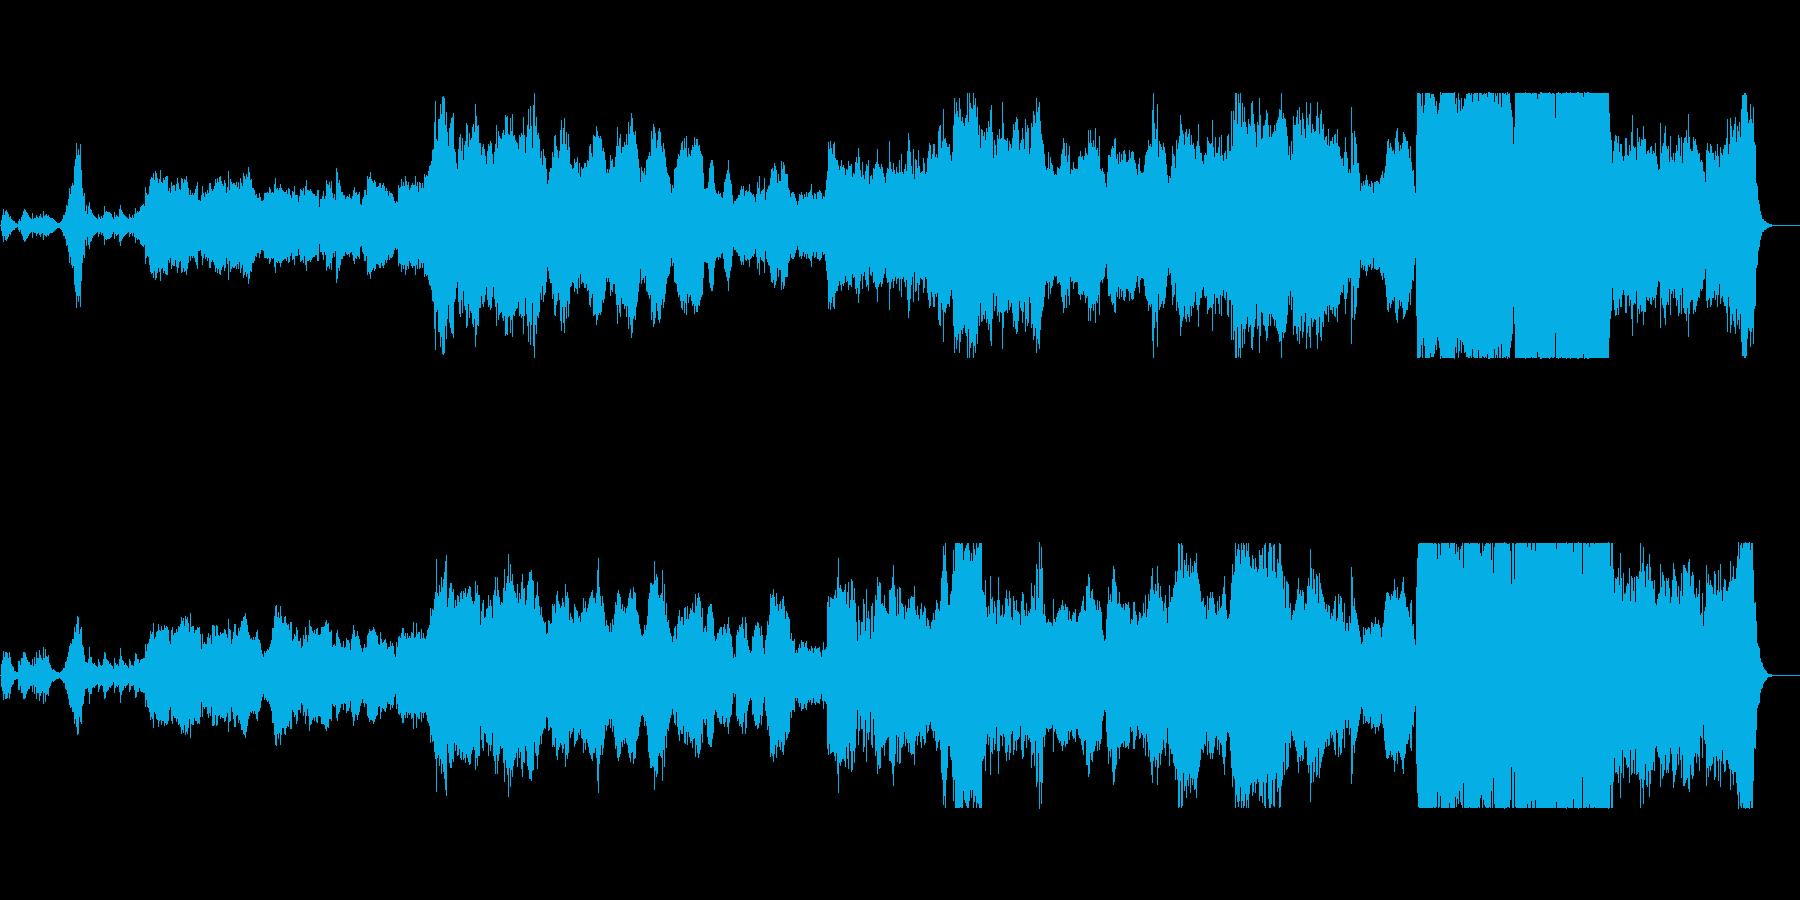 悲しくも力強いファンタジー系オーケストラの再生済みの波形